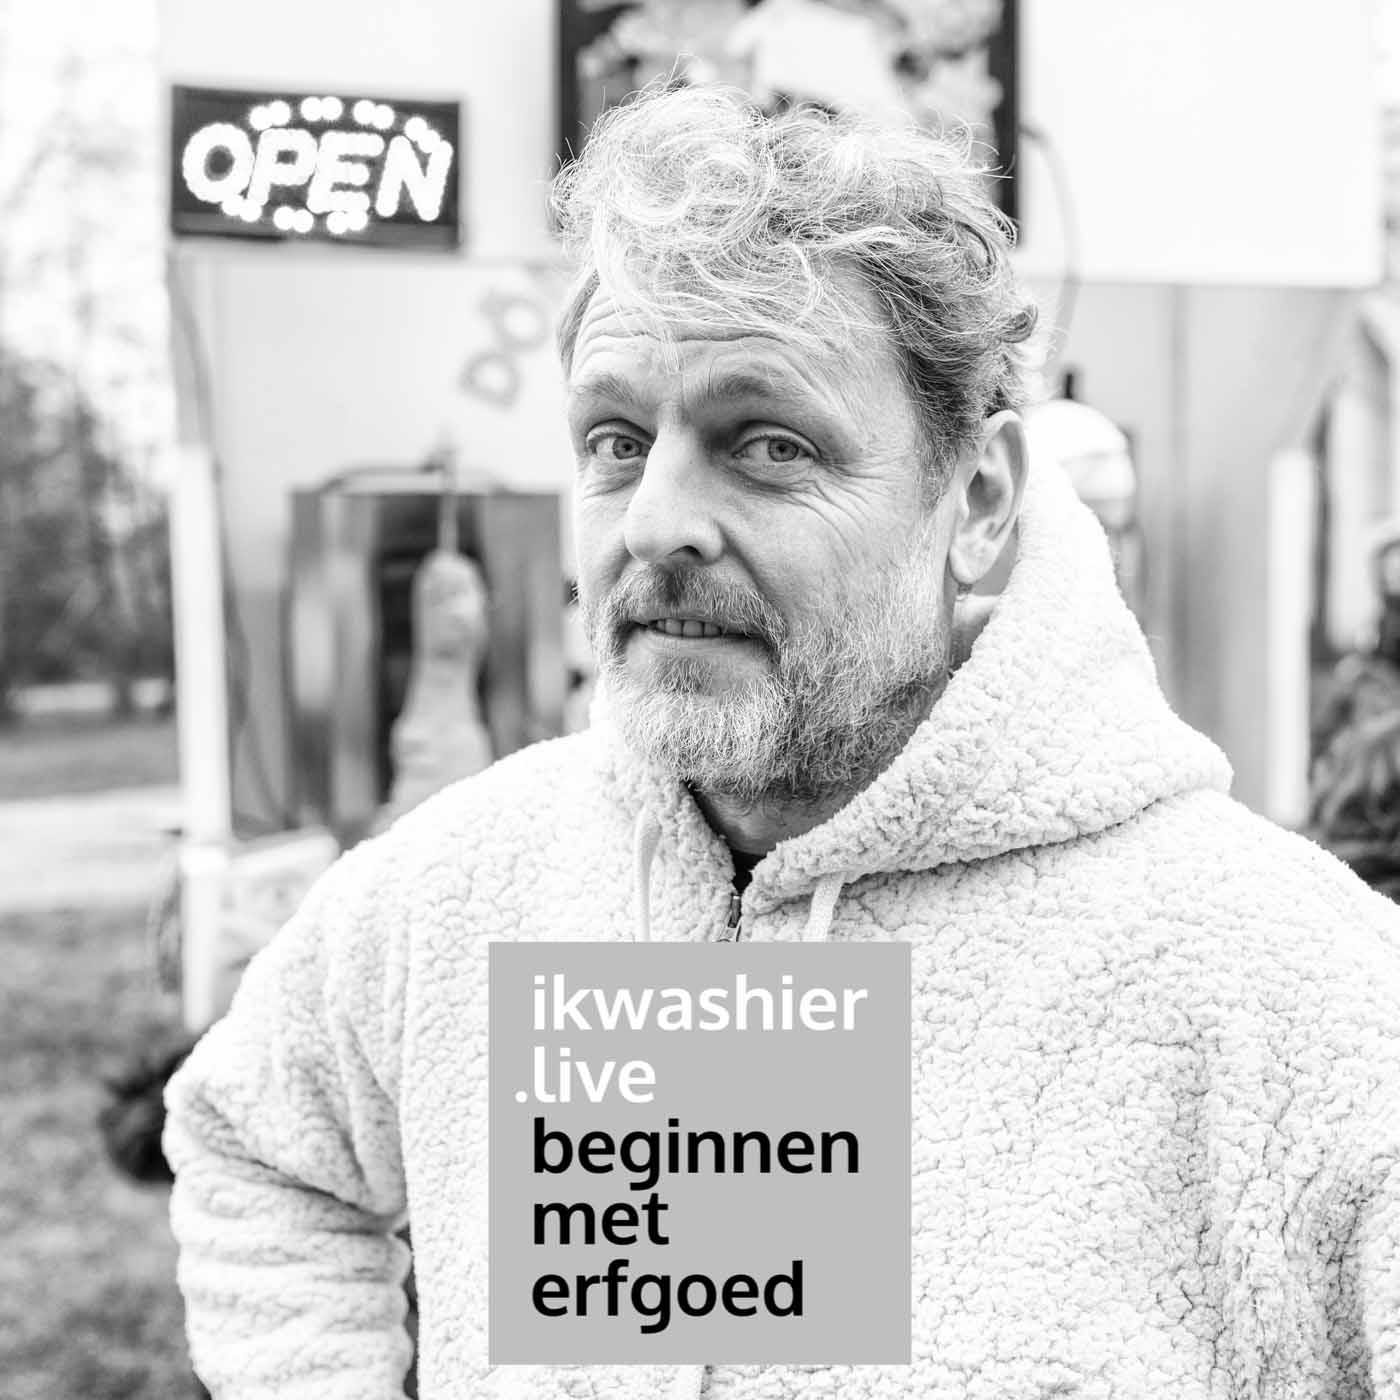 Rosse Buurtenstoet bouwen - Xavier Cloet - Beginnen met erfgoed 162 - ikwashier.live in Dendermonde